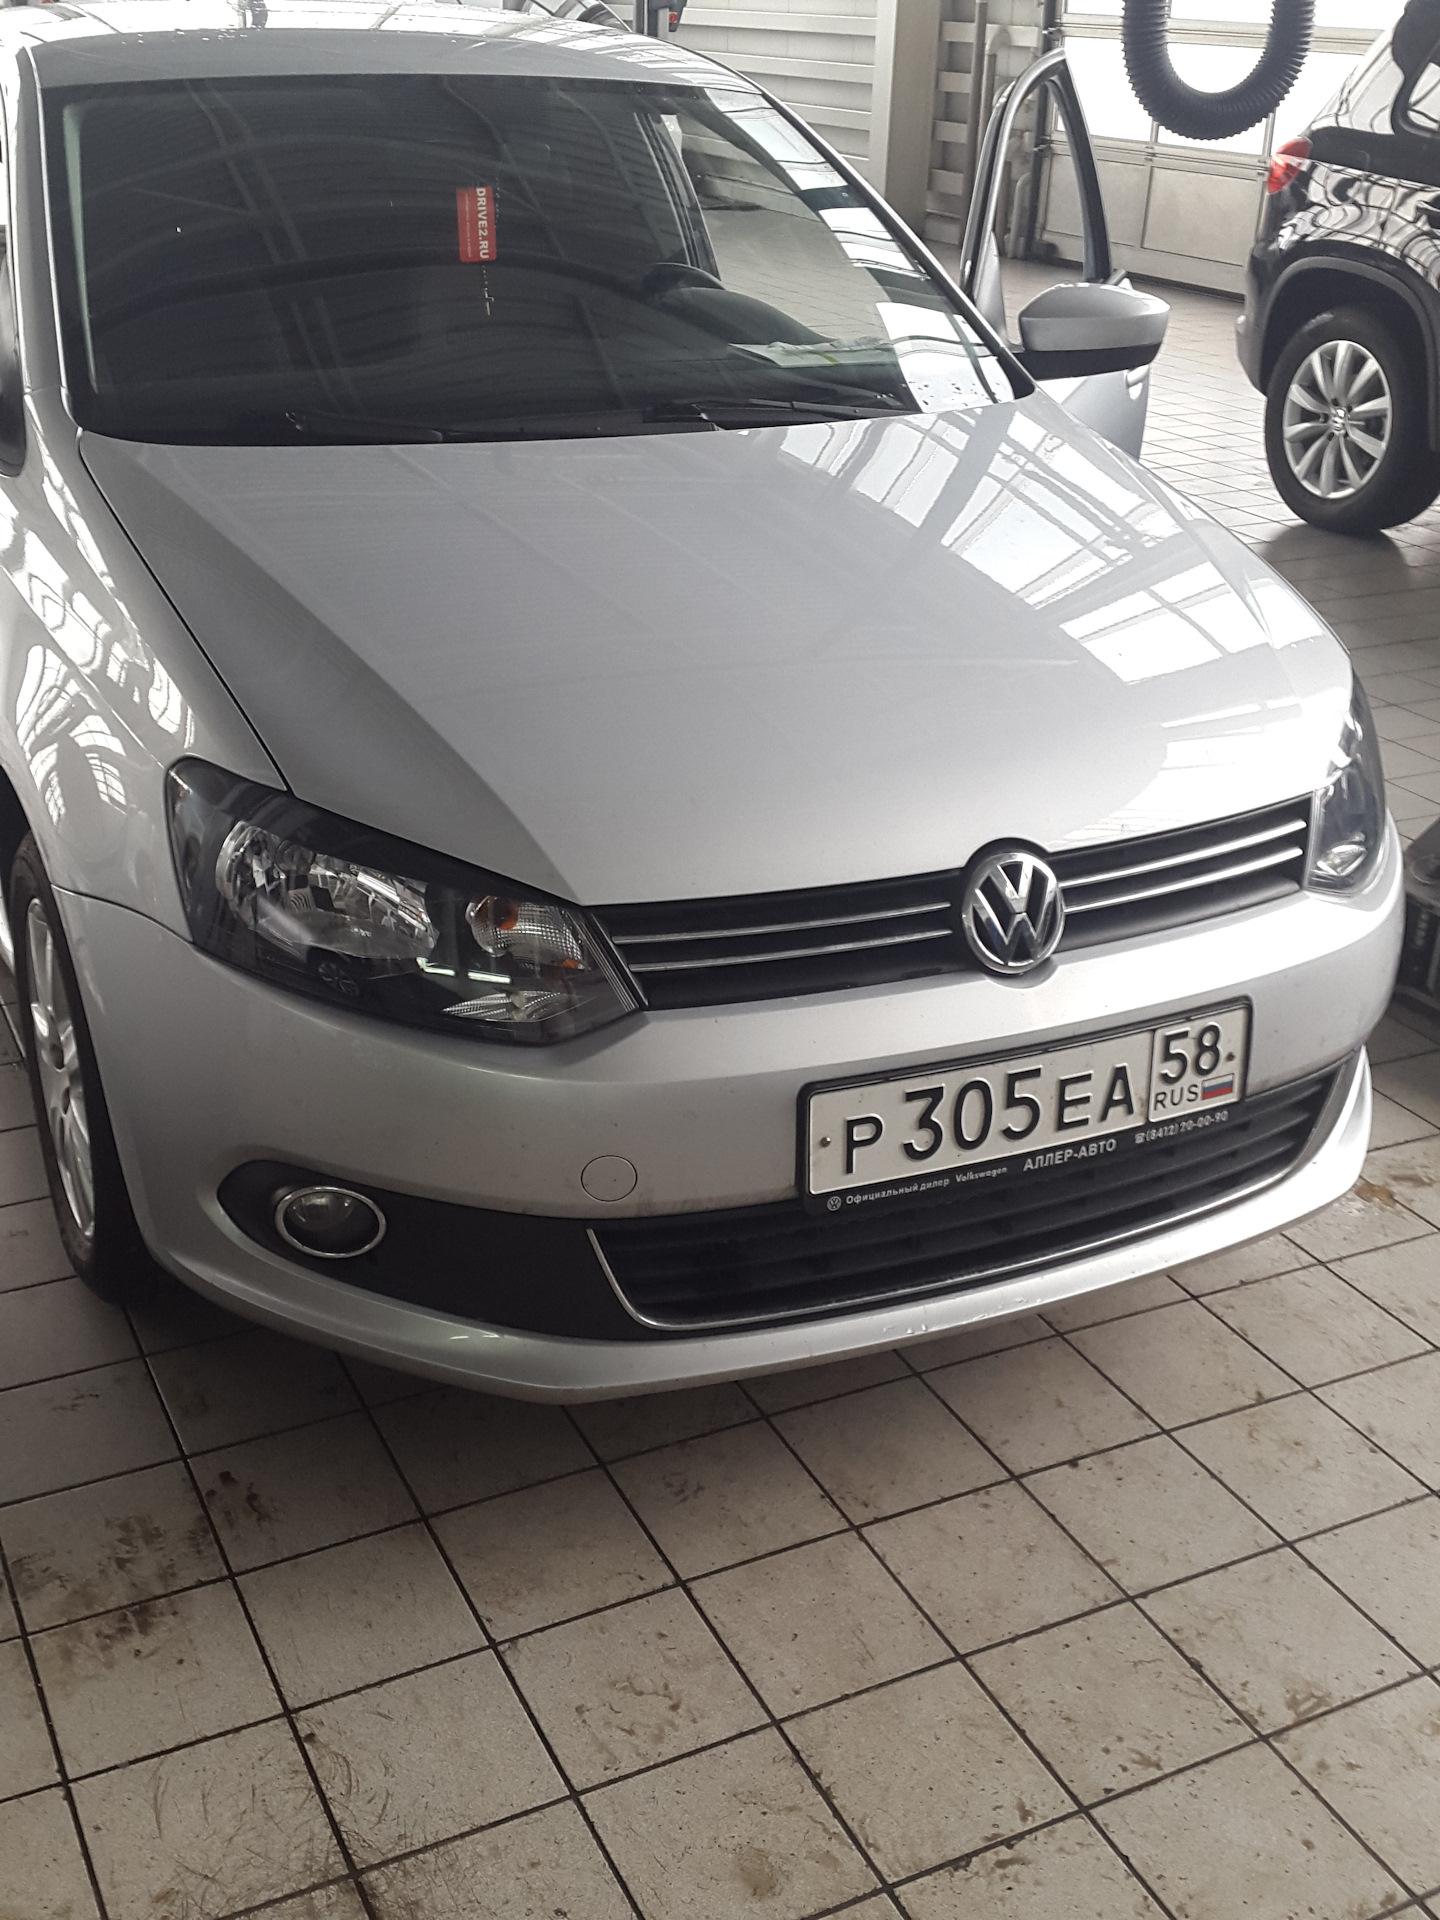 ТО-2 пройдено — Volkswagen Polo Sedan, 1 6 л , 2015 года на